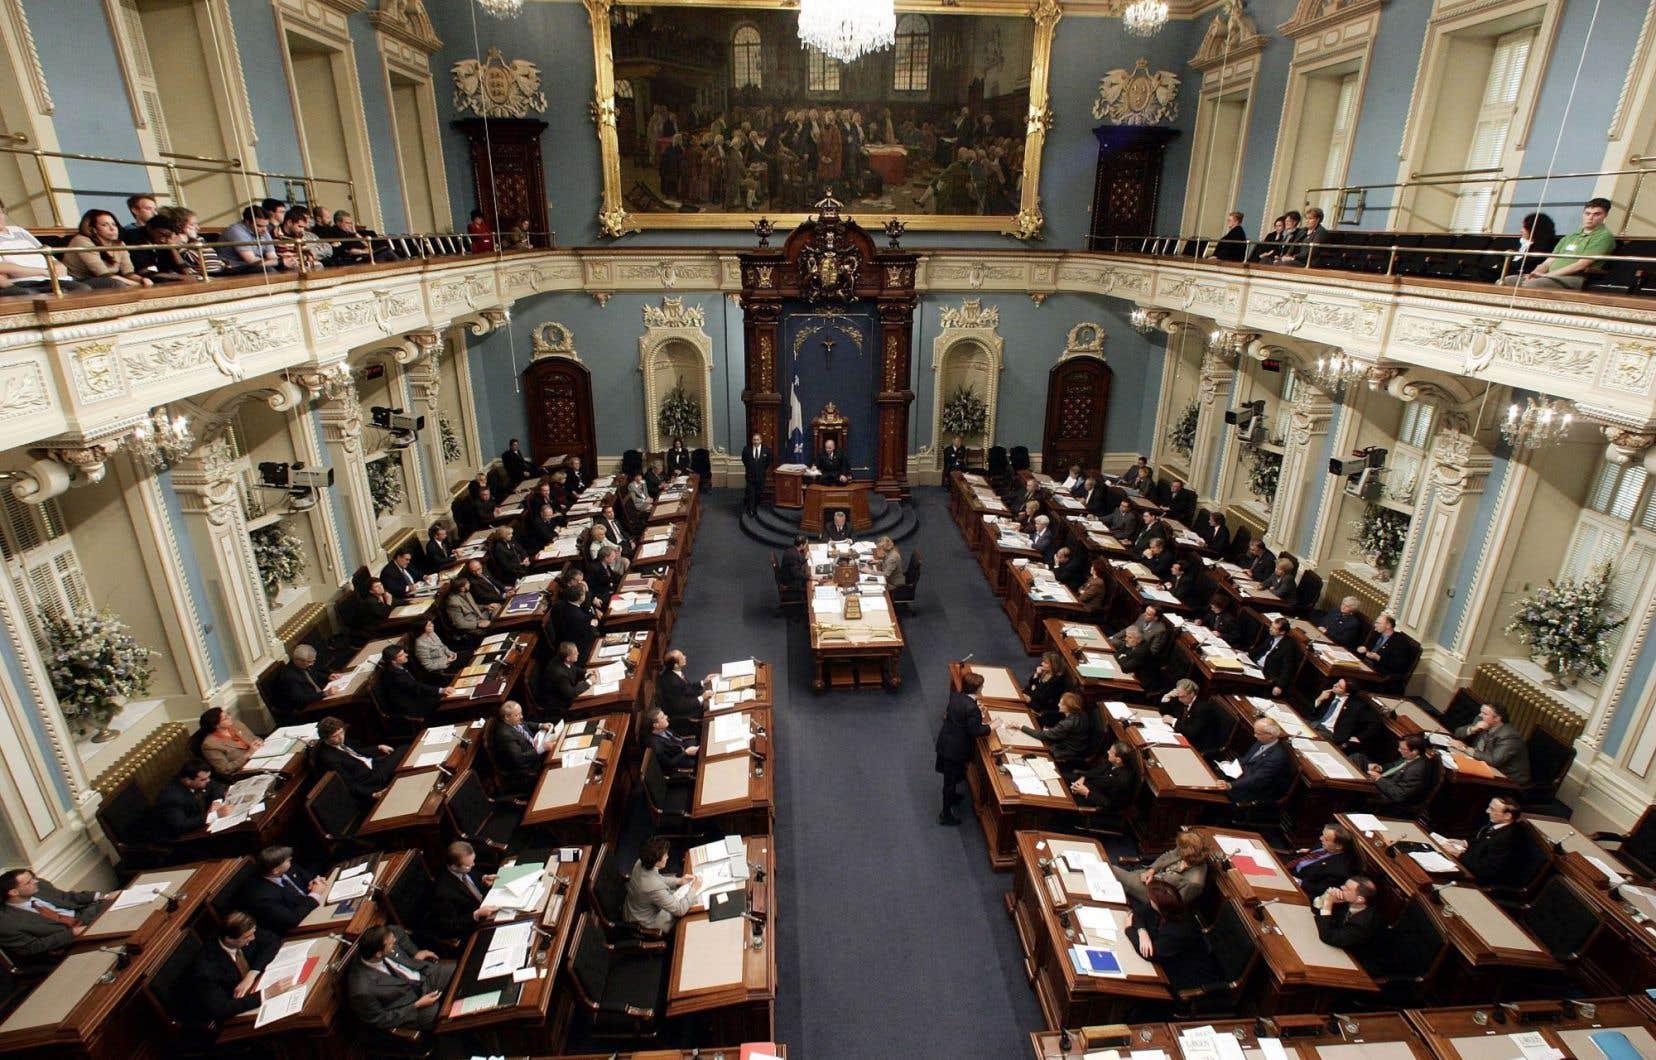 Malgré un écart de 5,5 millions entre les deux, l'Assemblée législative de l'Ontario compte 106 députés, le Québec en comte 19 de plus, soit 125.